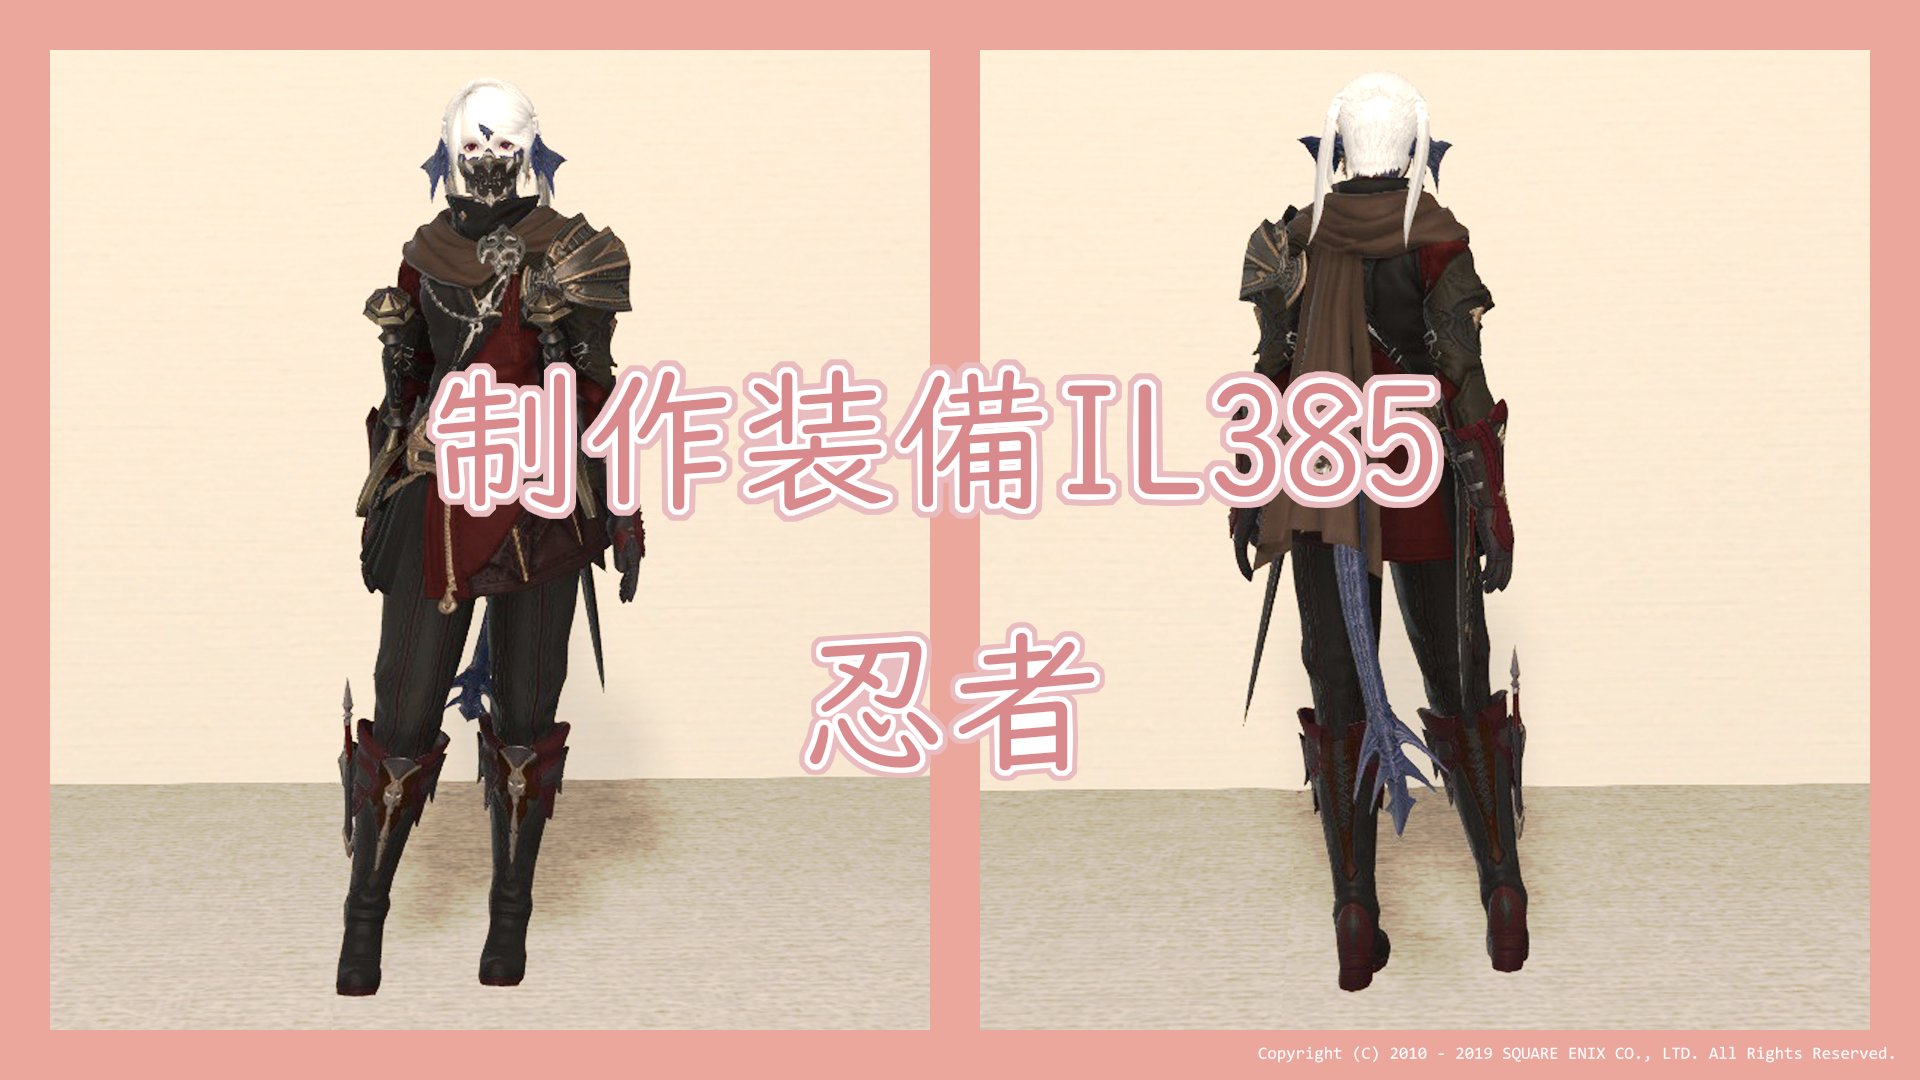 【FF14】制作で入手できるIL385装備【忍】